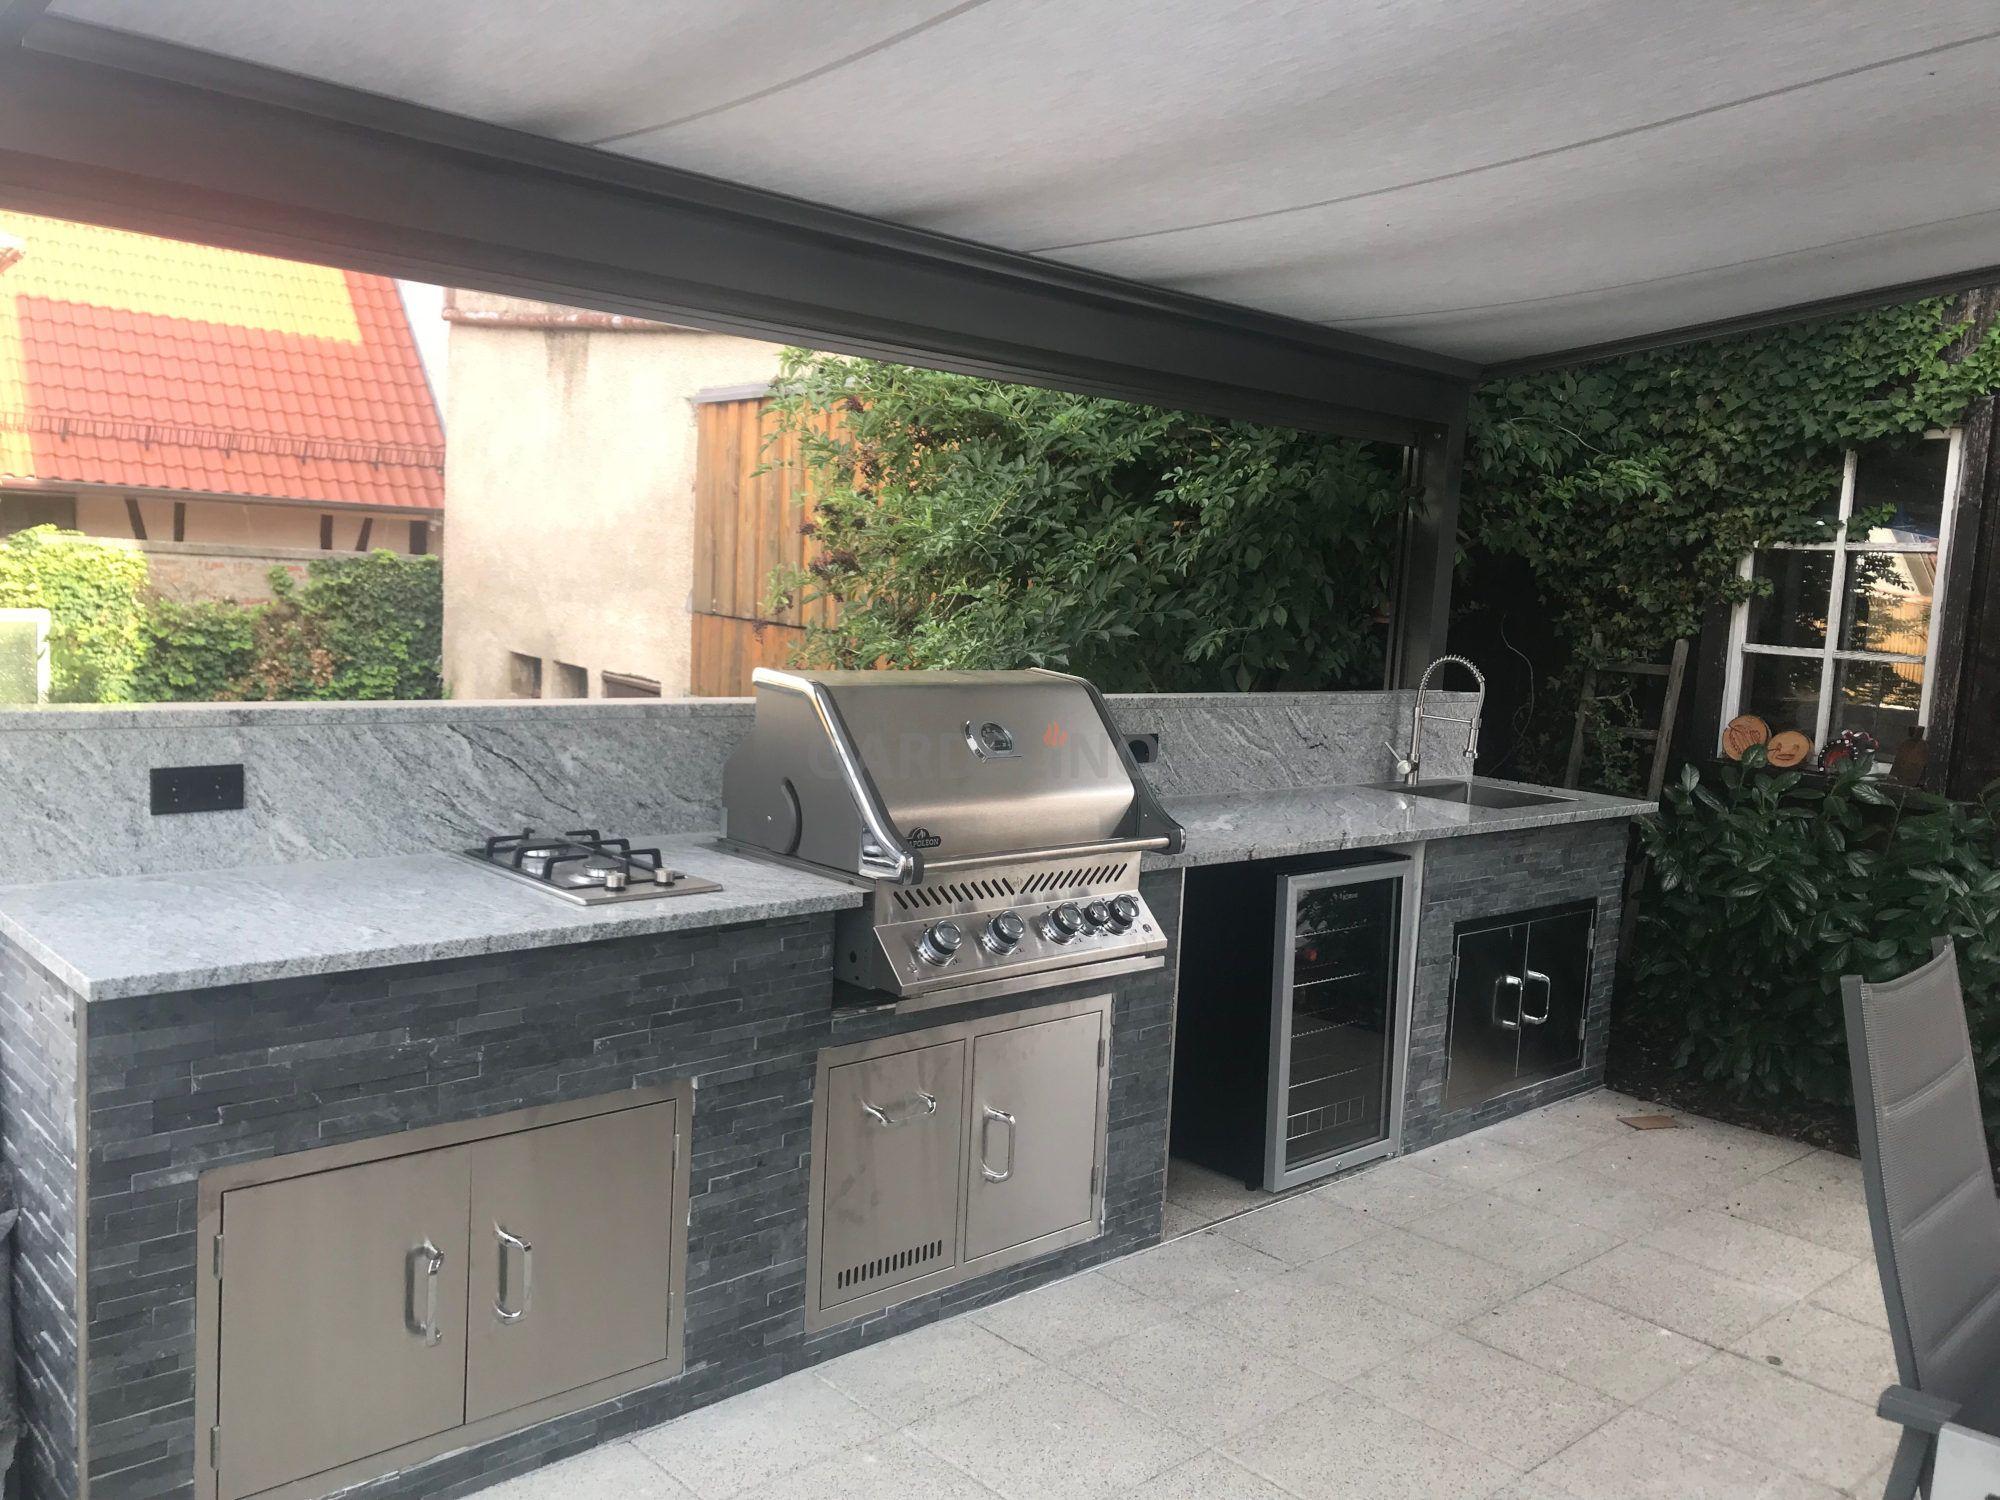 Stein Aussenkuche Auf Terrasse Outdoor Kuche Aussenkuche Terassenideen